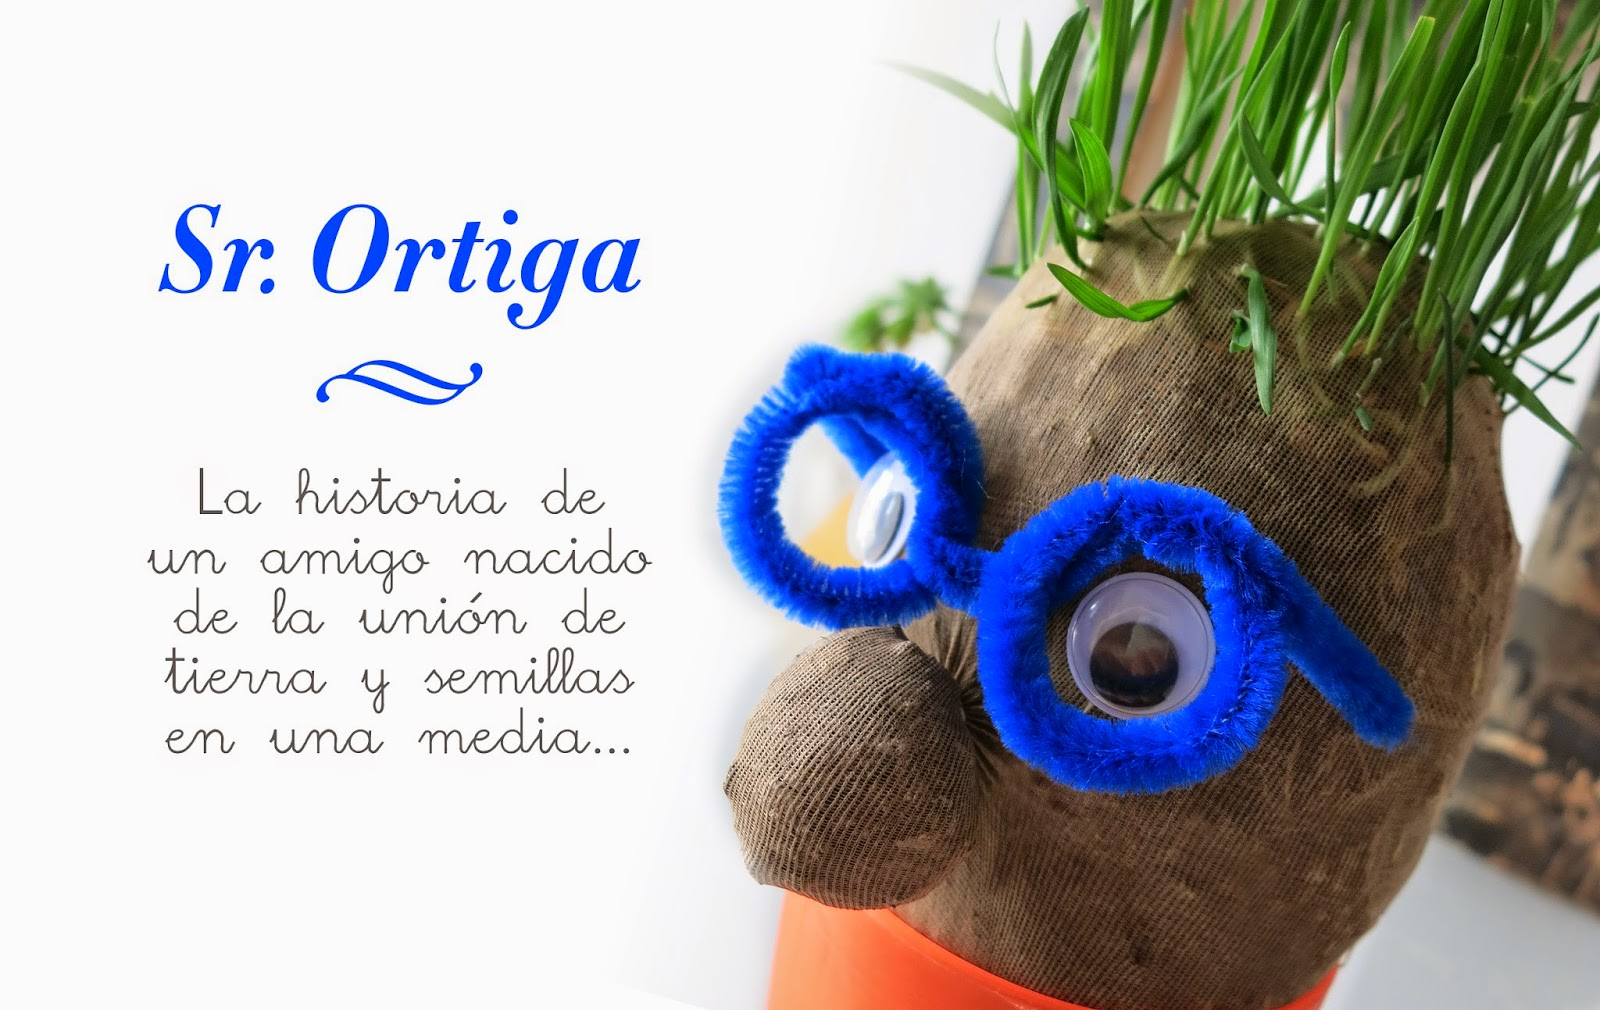 Manualidad y cuento el señor Hortiga hecho con tierra y semillas en media